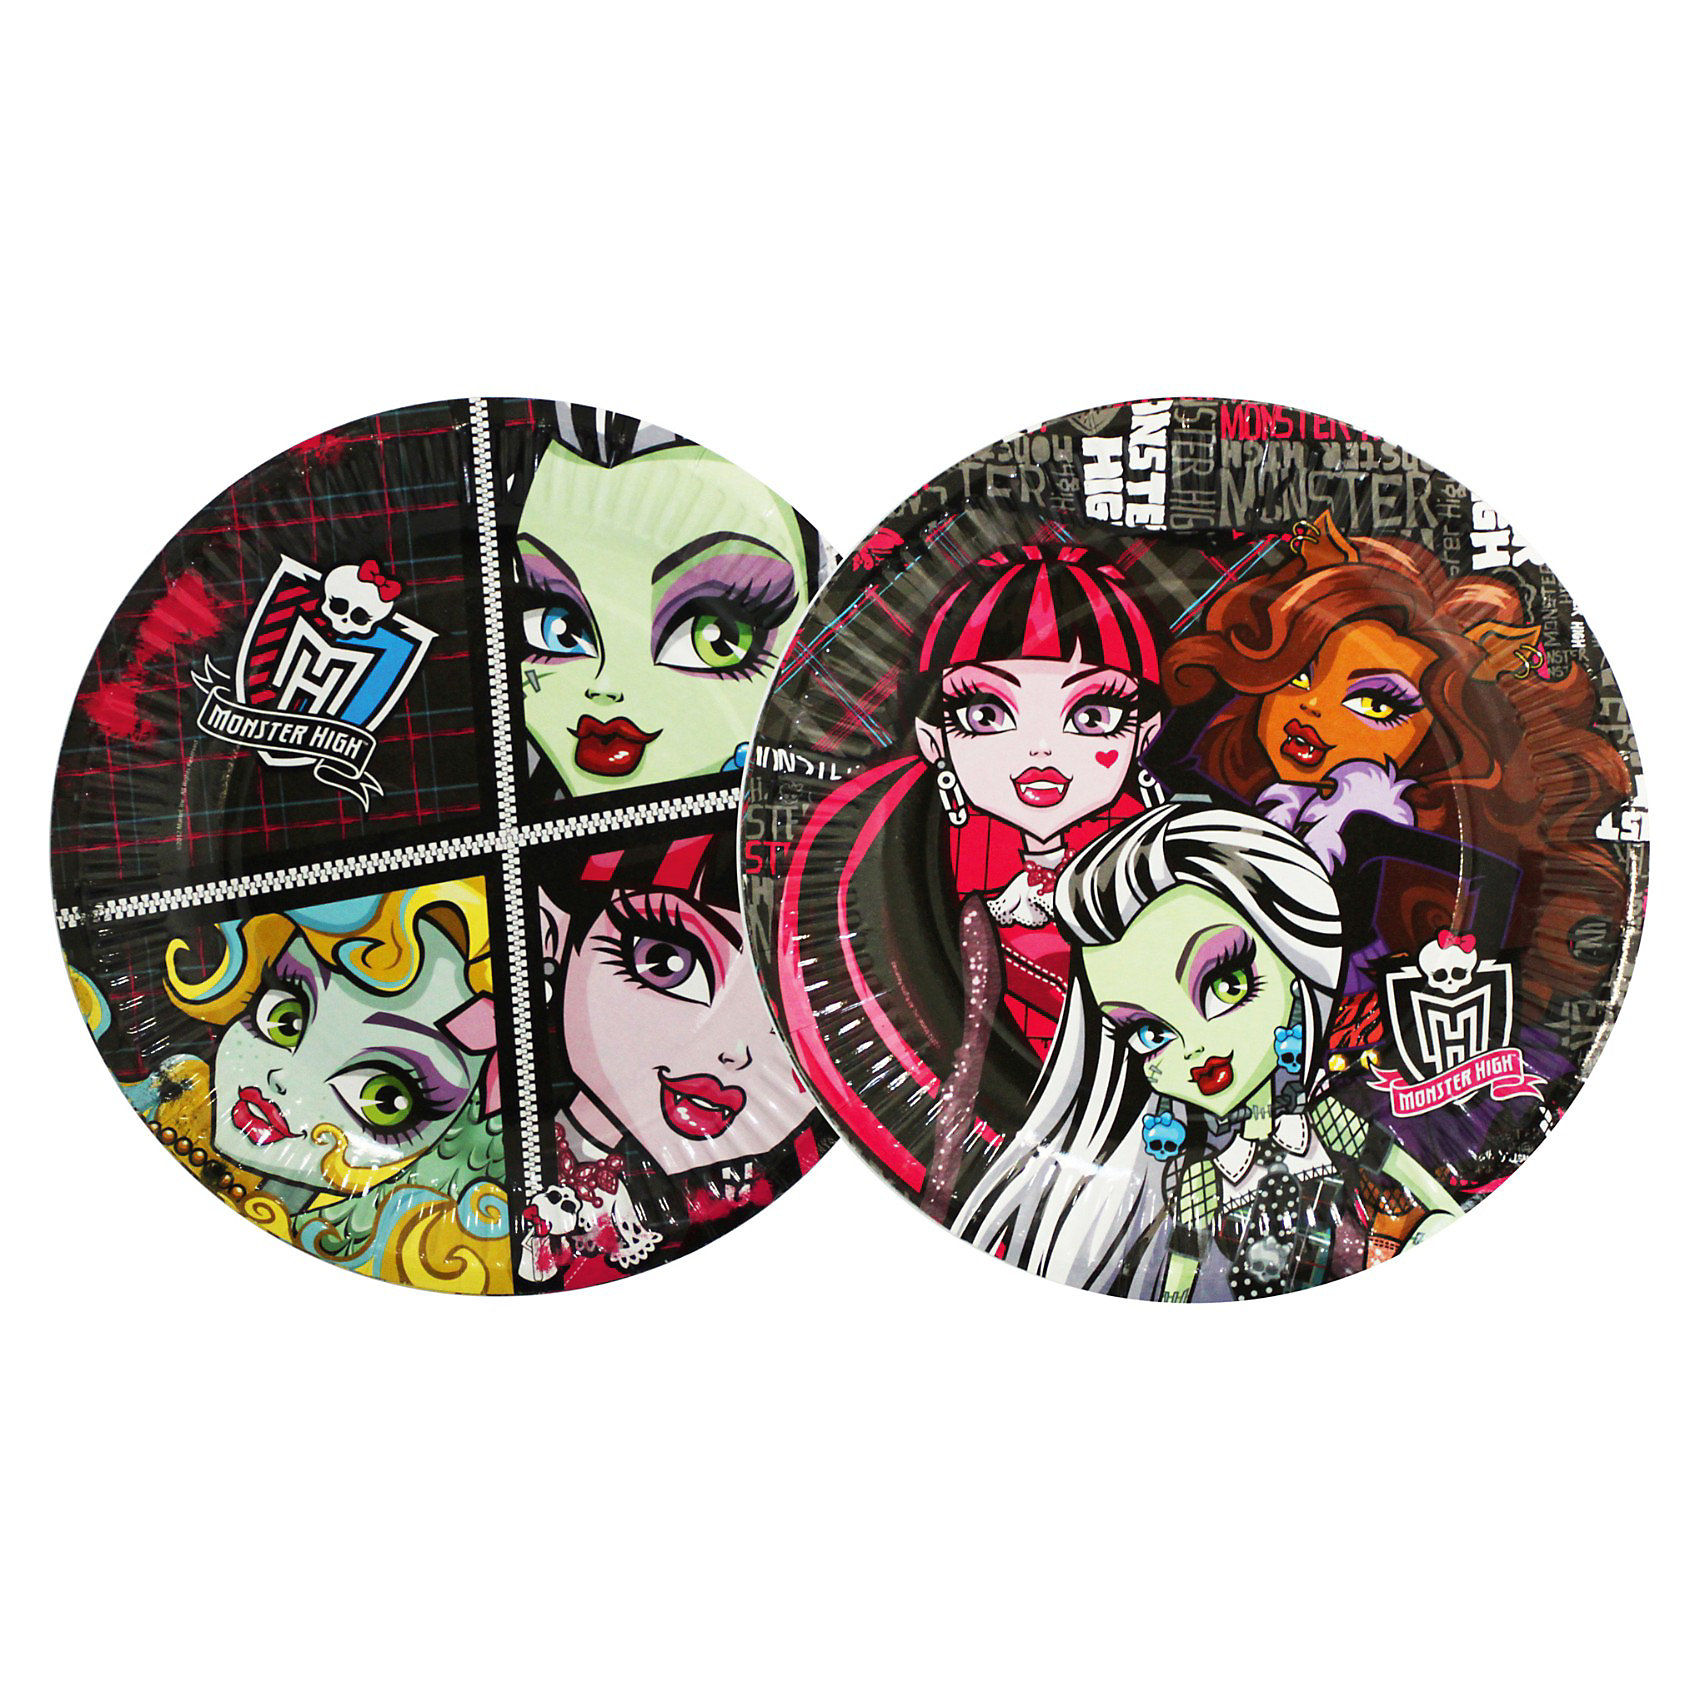 Тарелка бумажная, 18см, 10шт, Monster HighПраздничный набор бумажных одноразовых тарелок 18см, 10 шт, из коллекции Monster High (Монстр Хай) послужит идеальным решением для проведения вечеринки, дня рождения. Героини популярного мультфильма придутся по душе юным гостям, а Вам не придется тратить время на мытье посуды.<br>Не расставайтесь с любимыми героями во время шумной вечеринки!<br><br>Дополнительная информация:<br><br>- тарелочки идеальный подарок фанатам любимого мультфильма: Школа Монстров;<br>- на лицевой стороне напечатаны героини мультика Monster High (Школа Монстров);<br>- бумажные тарелочки диаметром 18 см, 10 шт;<br>- размер упаковки: 18 х 18 х 2,5 см;<br>- упаковка: термопленка;<br>- вес: 90 г. <br><br>Тарелку бумажную, 18см, 10шт, Monster High (Монстер Хай) можно купить в нашем интернет-магазине.<br><br>Ширина мм: 180<br>Глубина мм: 180<br>Высота мм: 25<br>Вес г: 90<br>Возраст от месяцев: 36<br>Возраст до месяцев: 72<br>Пол: Женский<br>Возраст: Детский<br>SKU: 3536302